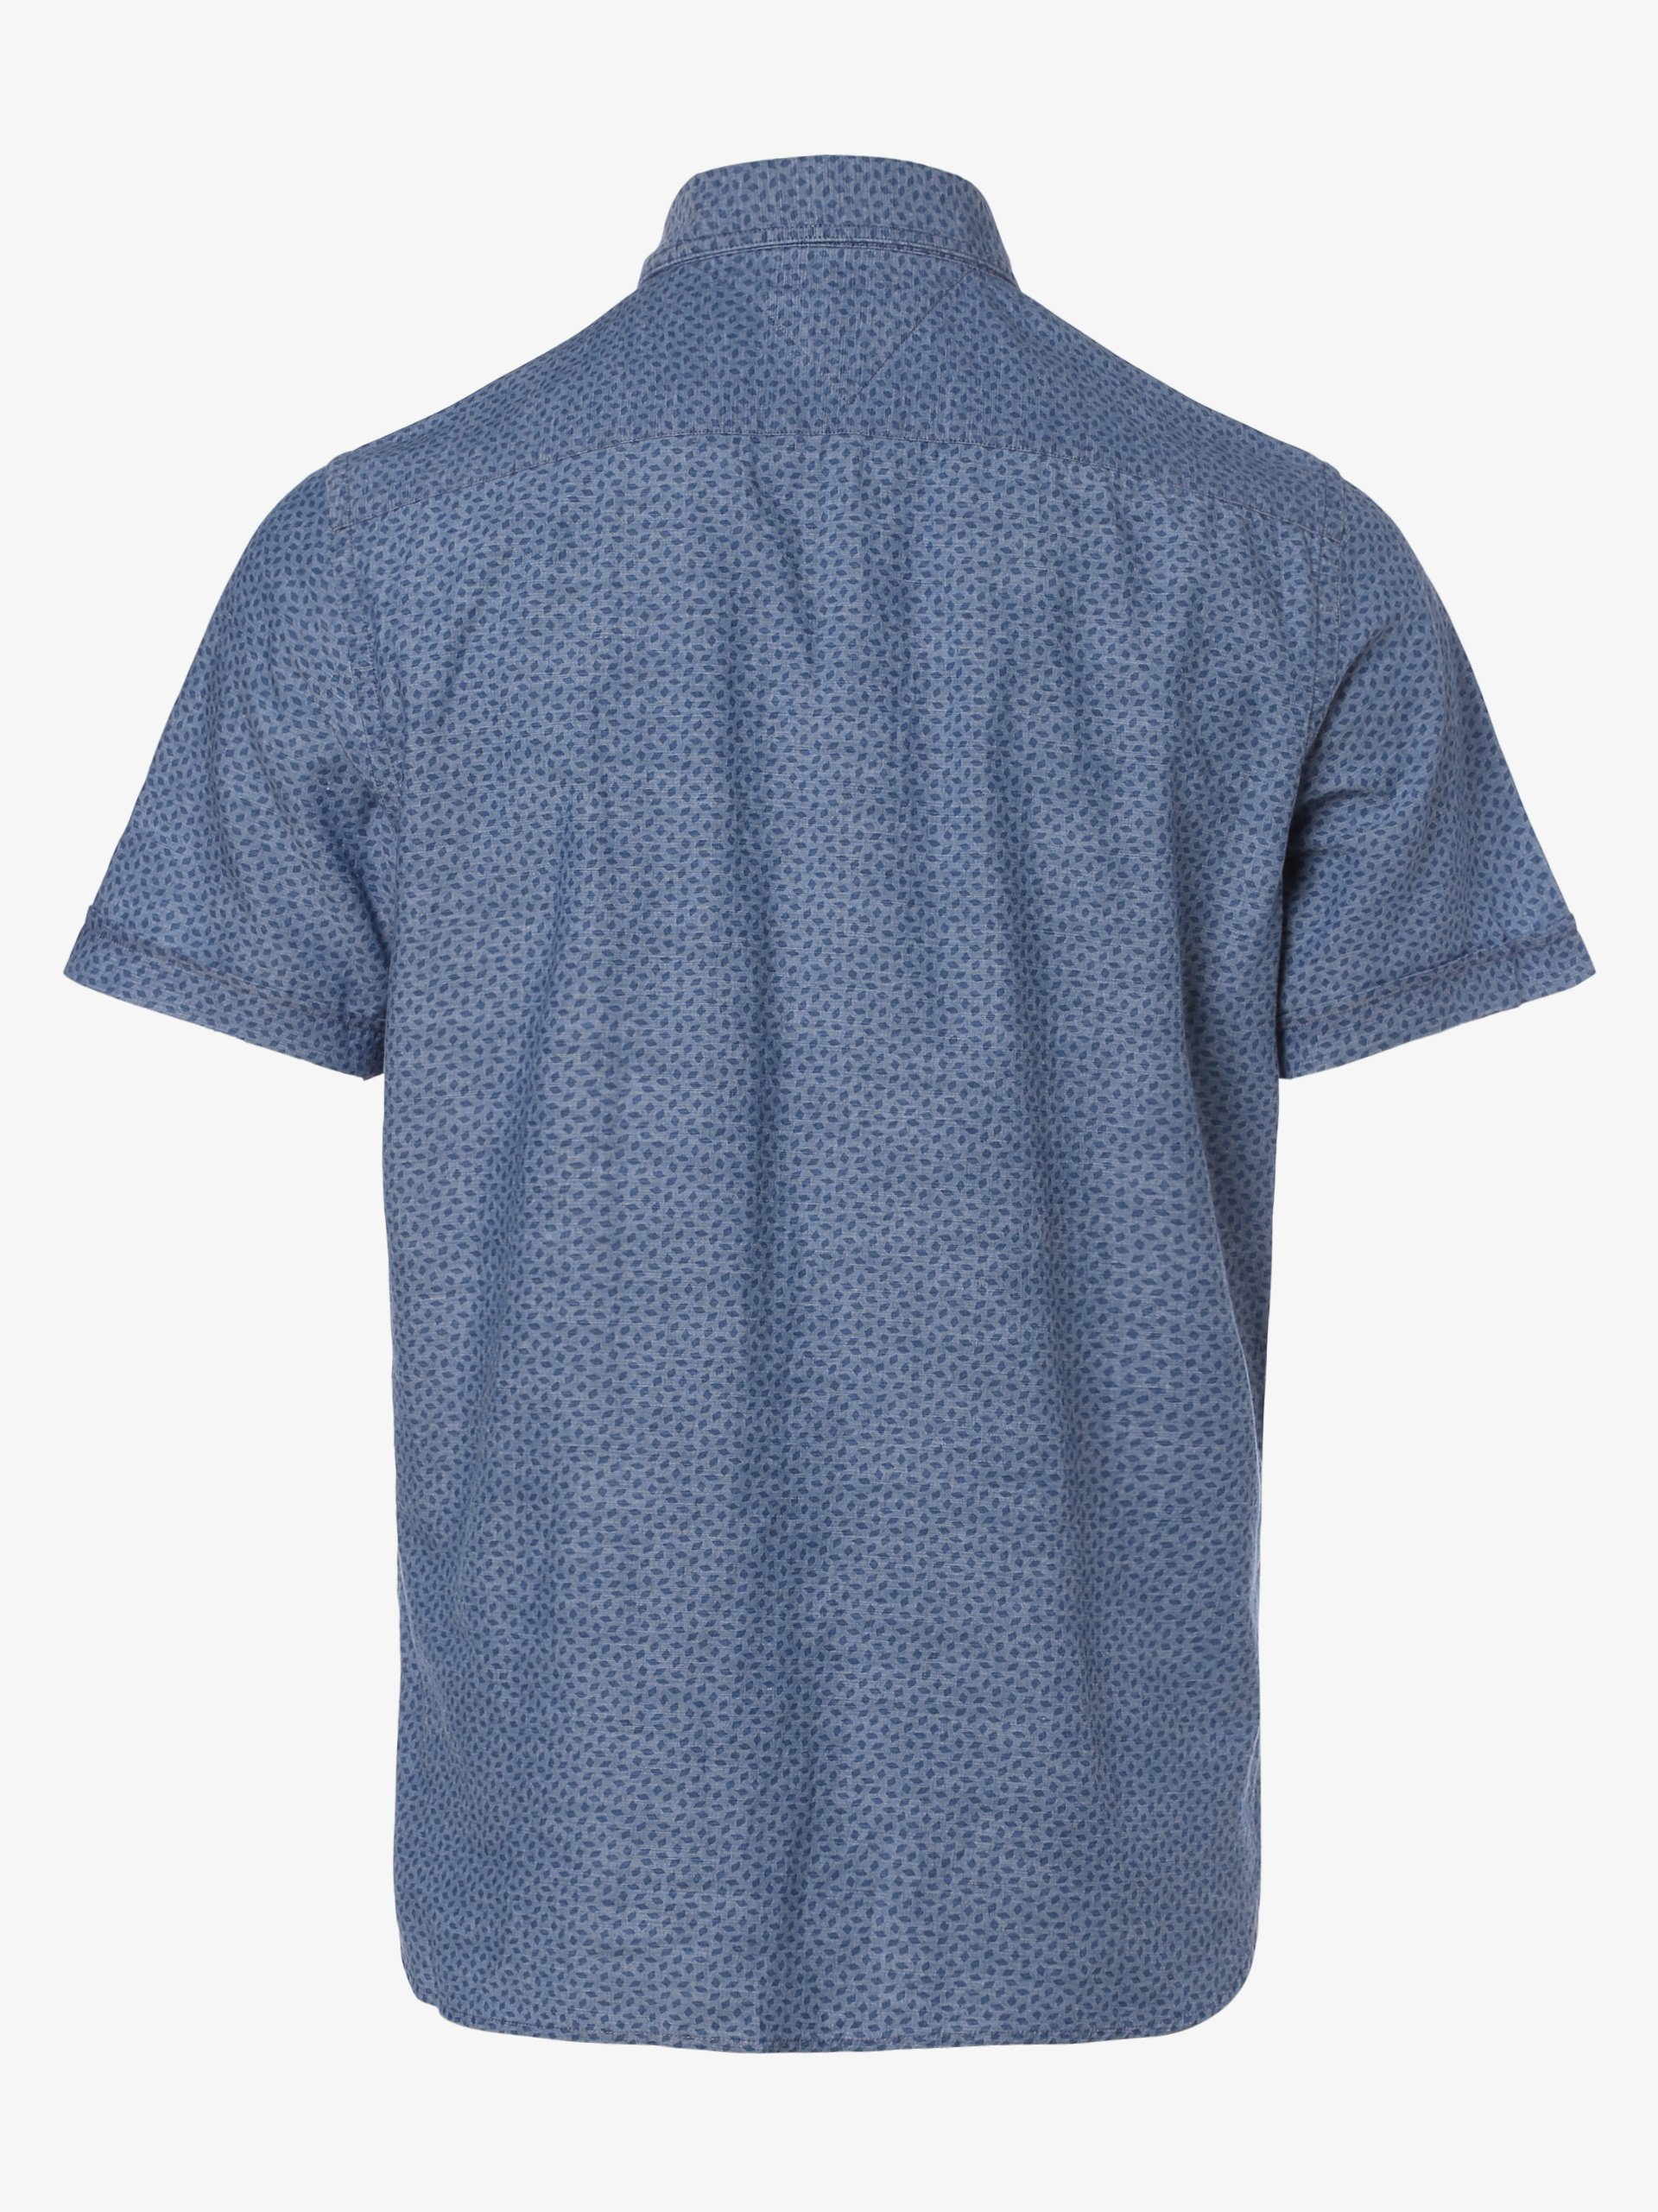 Tommy Hilfiger Herren Hemd